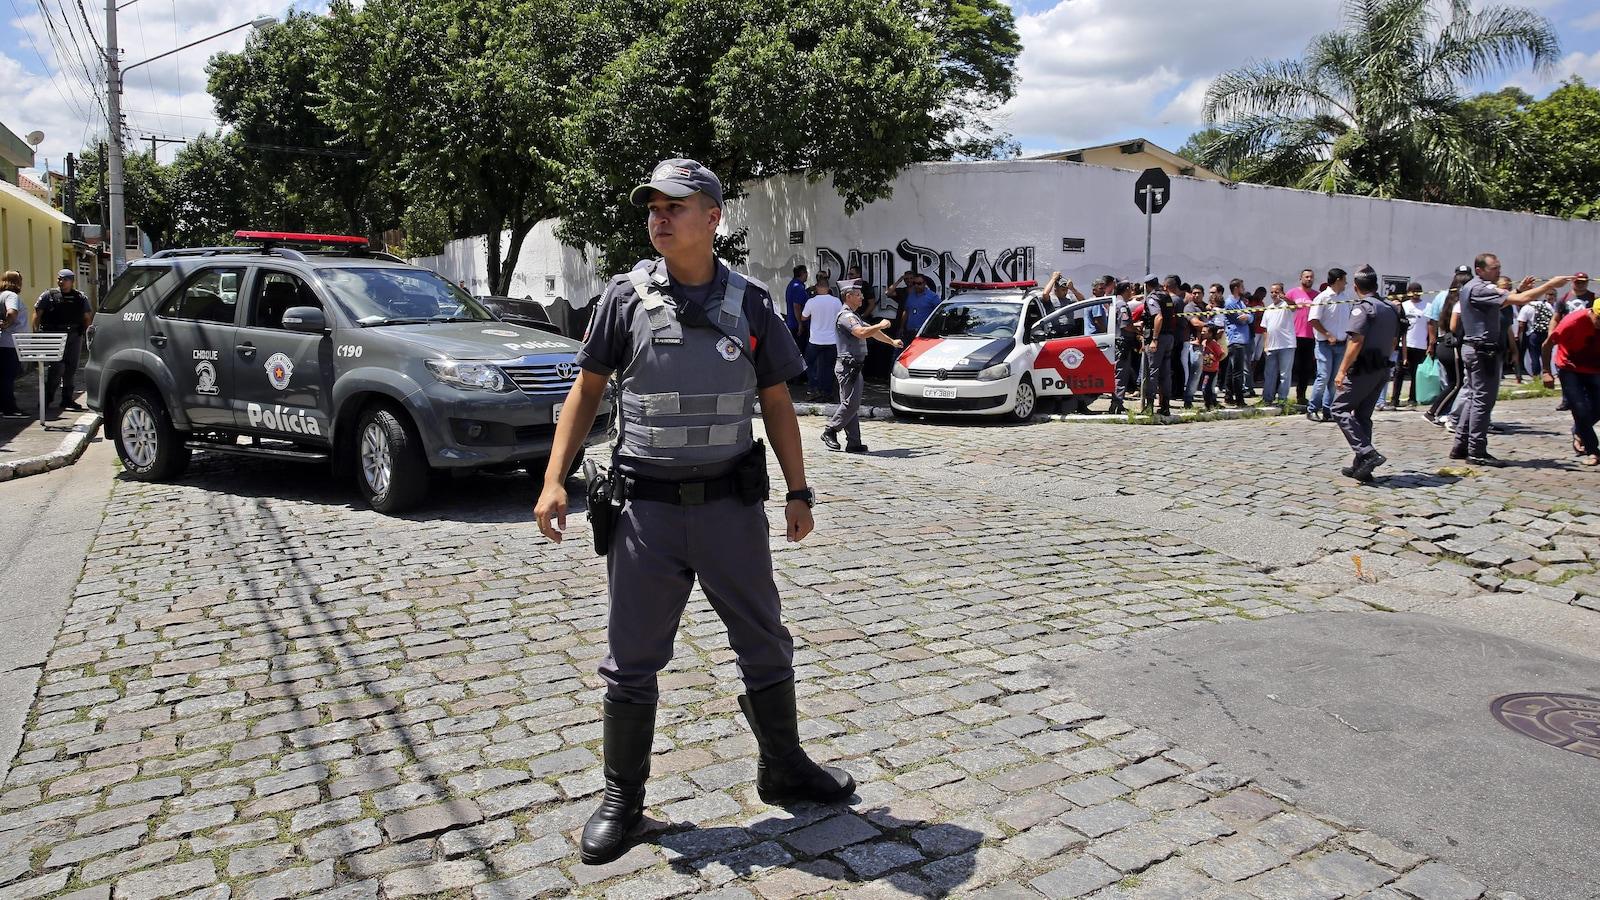 Des policiers montent la garde devant l'école publique Raul Brasil de Suzano, dans l'agglomération de Sao Paulo, au Brésil, où une fusillade a eu lieu le mercredi 13 mars 2019.